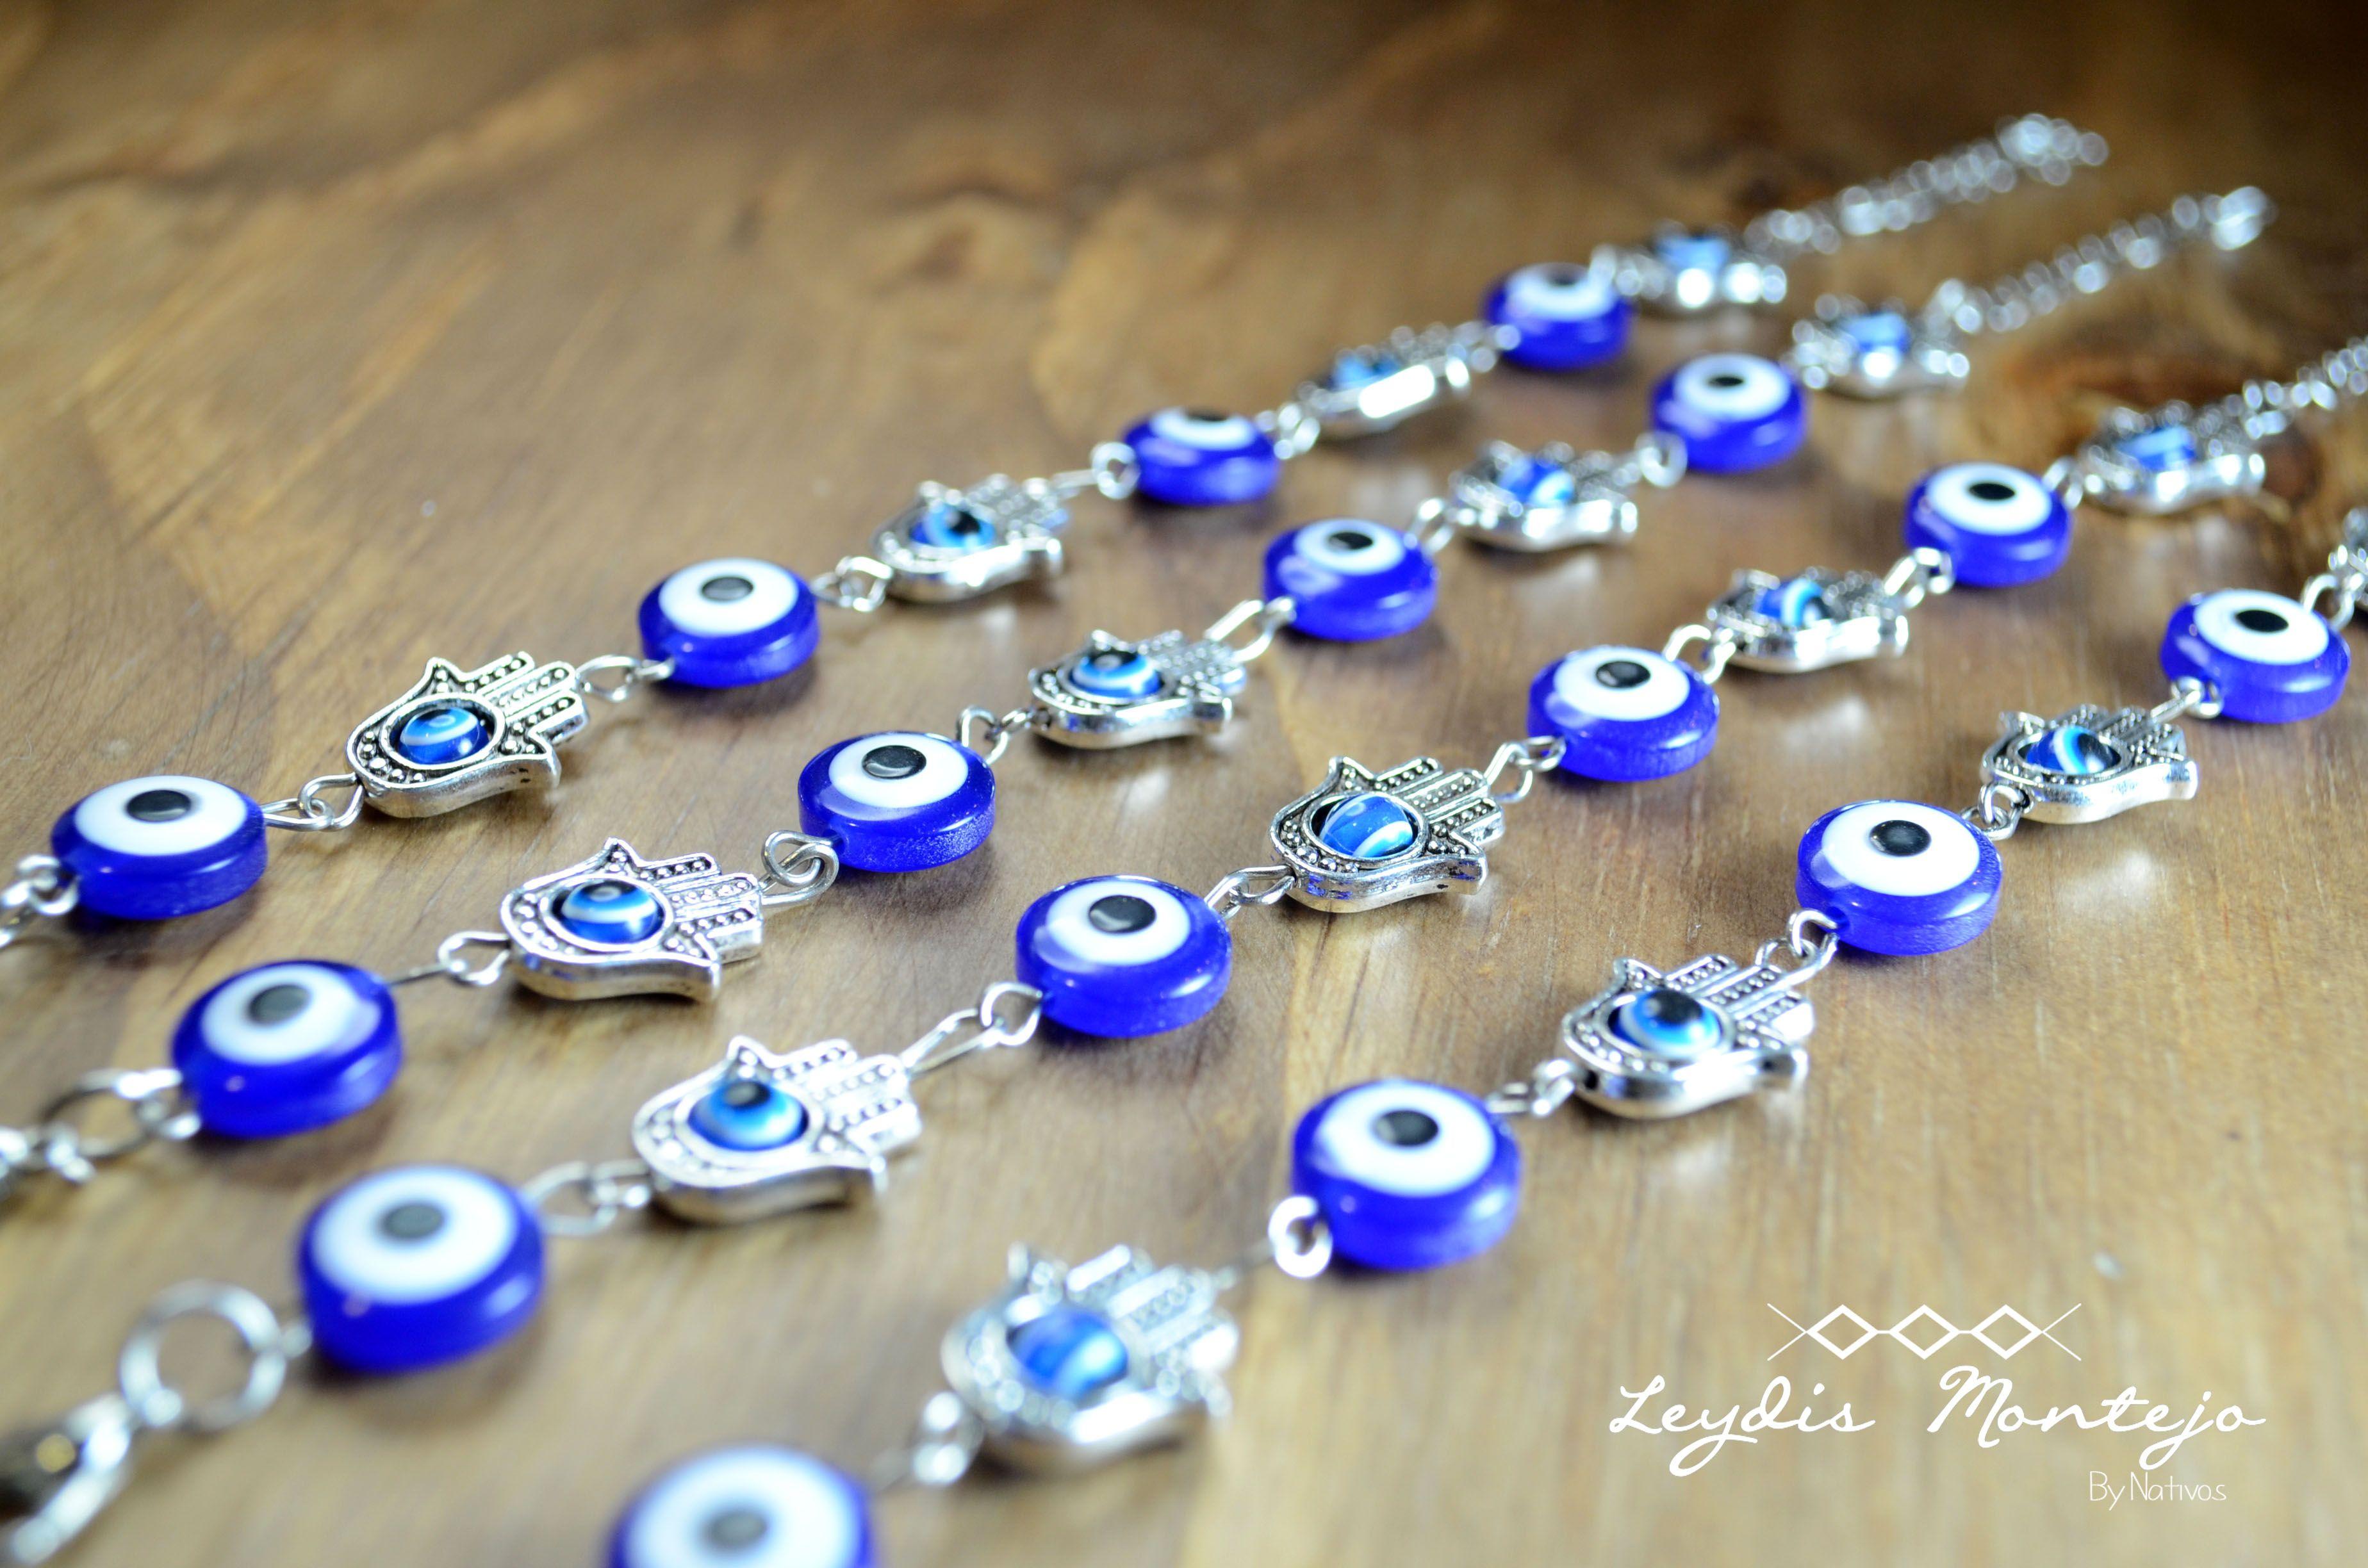 Pulsera mano y ojo protector. #Pulseras #Bracelets #Leydis Montejo #ComprasVirtuales #Valledupar #TalentoColombiano #Joyas #Bisuteria #Moda #Accesorios